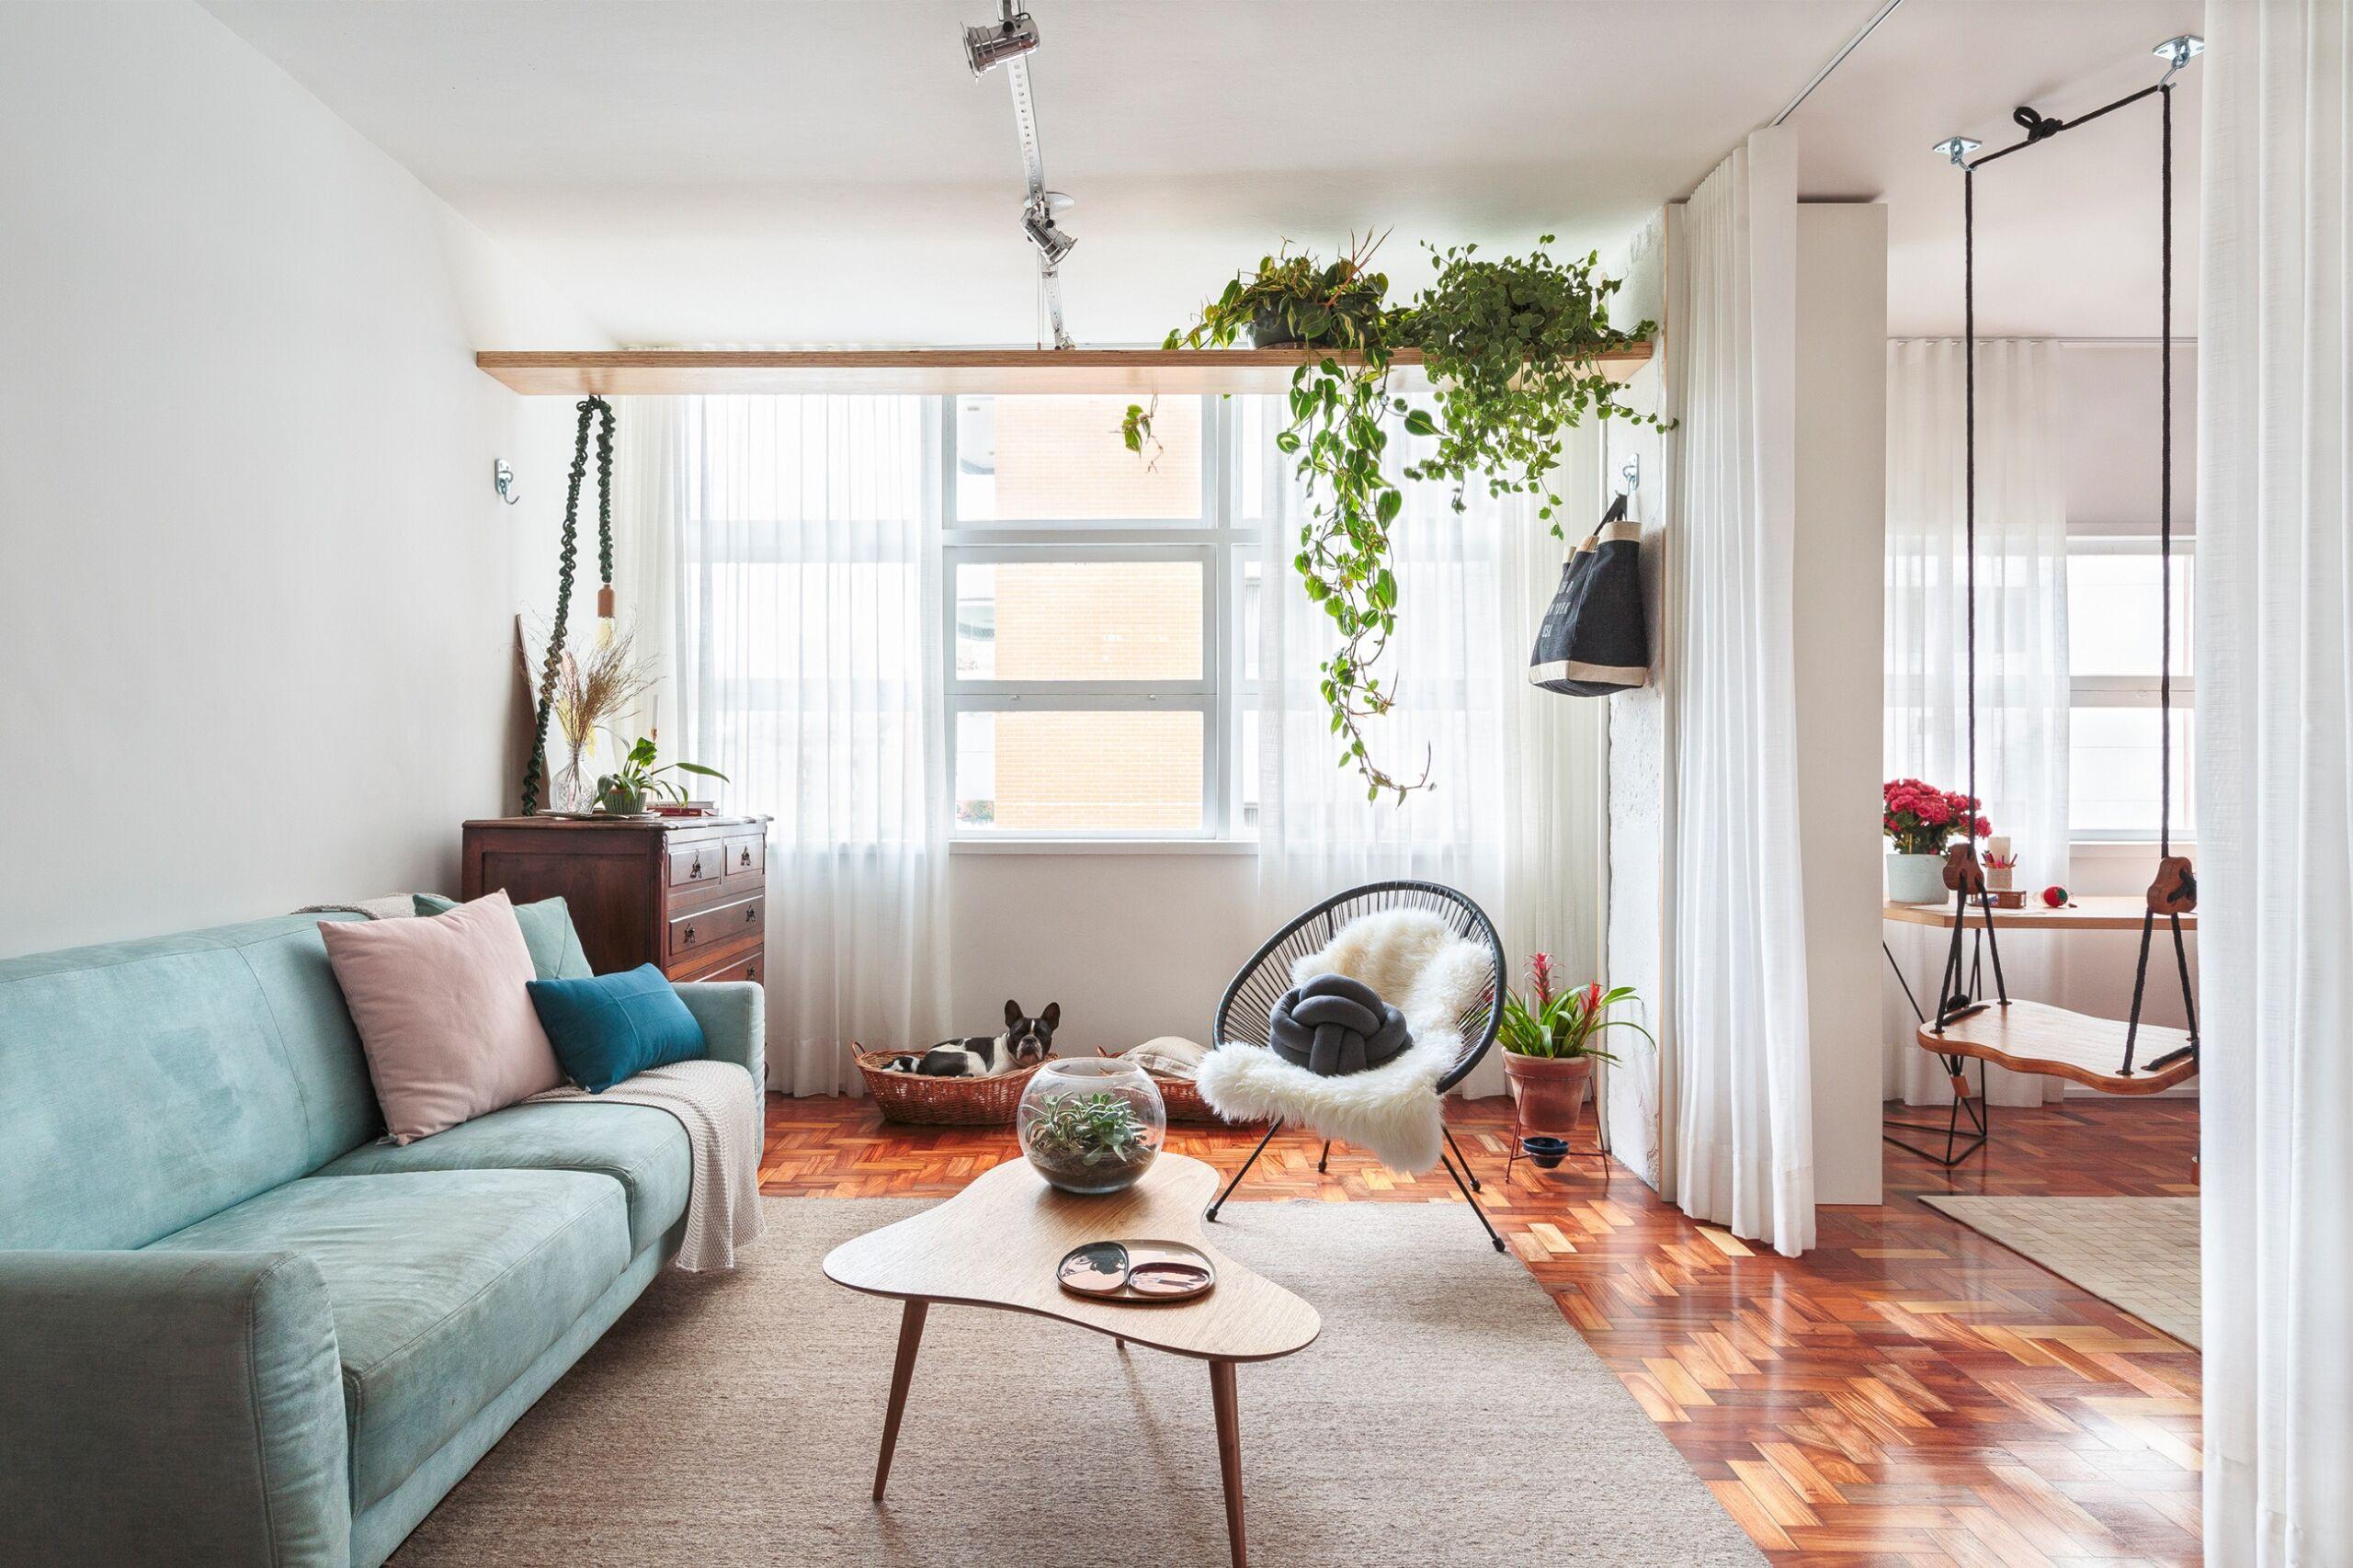 sala-mesa-curva-madeira-sofa-azul-cadeira-apulco-preta-estante-madeira-cesto-cachorro-pet-balanço